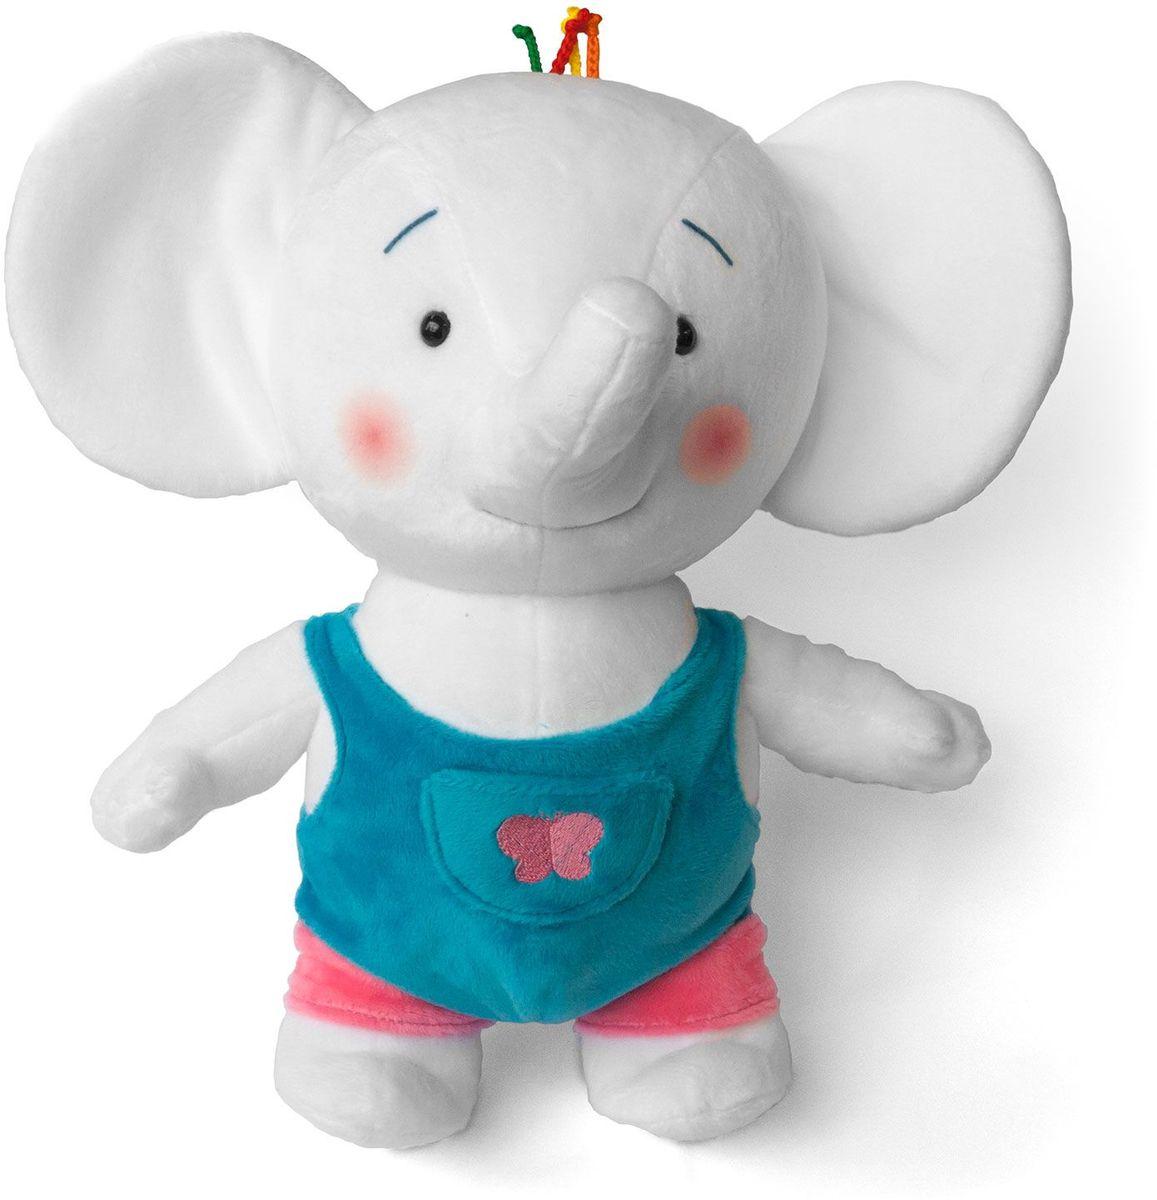 Тим и Тома Мягкая игрушка Слоненок Тома 30 см мягкая игрушка слоненок tongde радужный транспорт 25 см голубой в72433